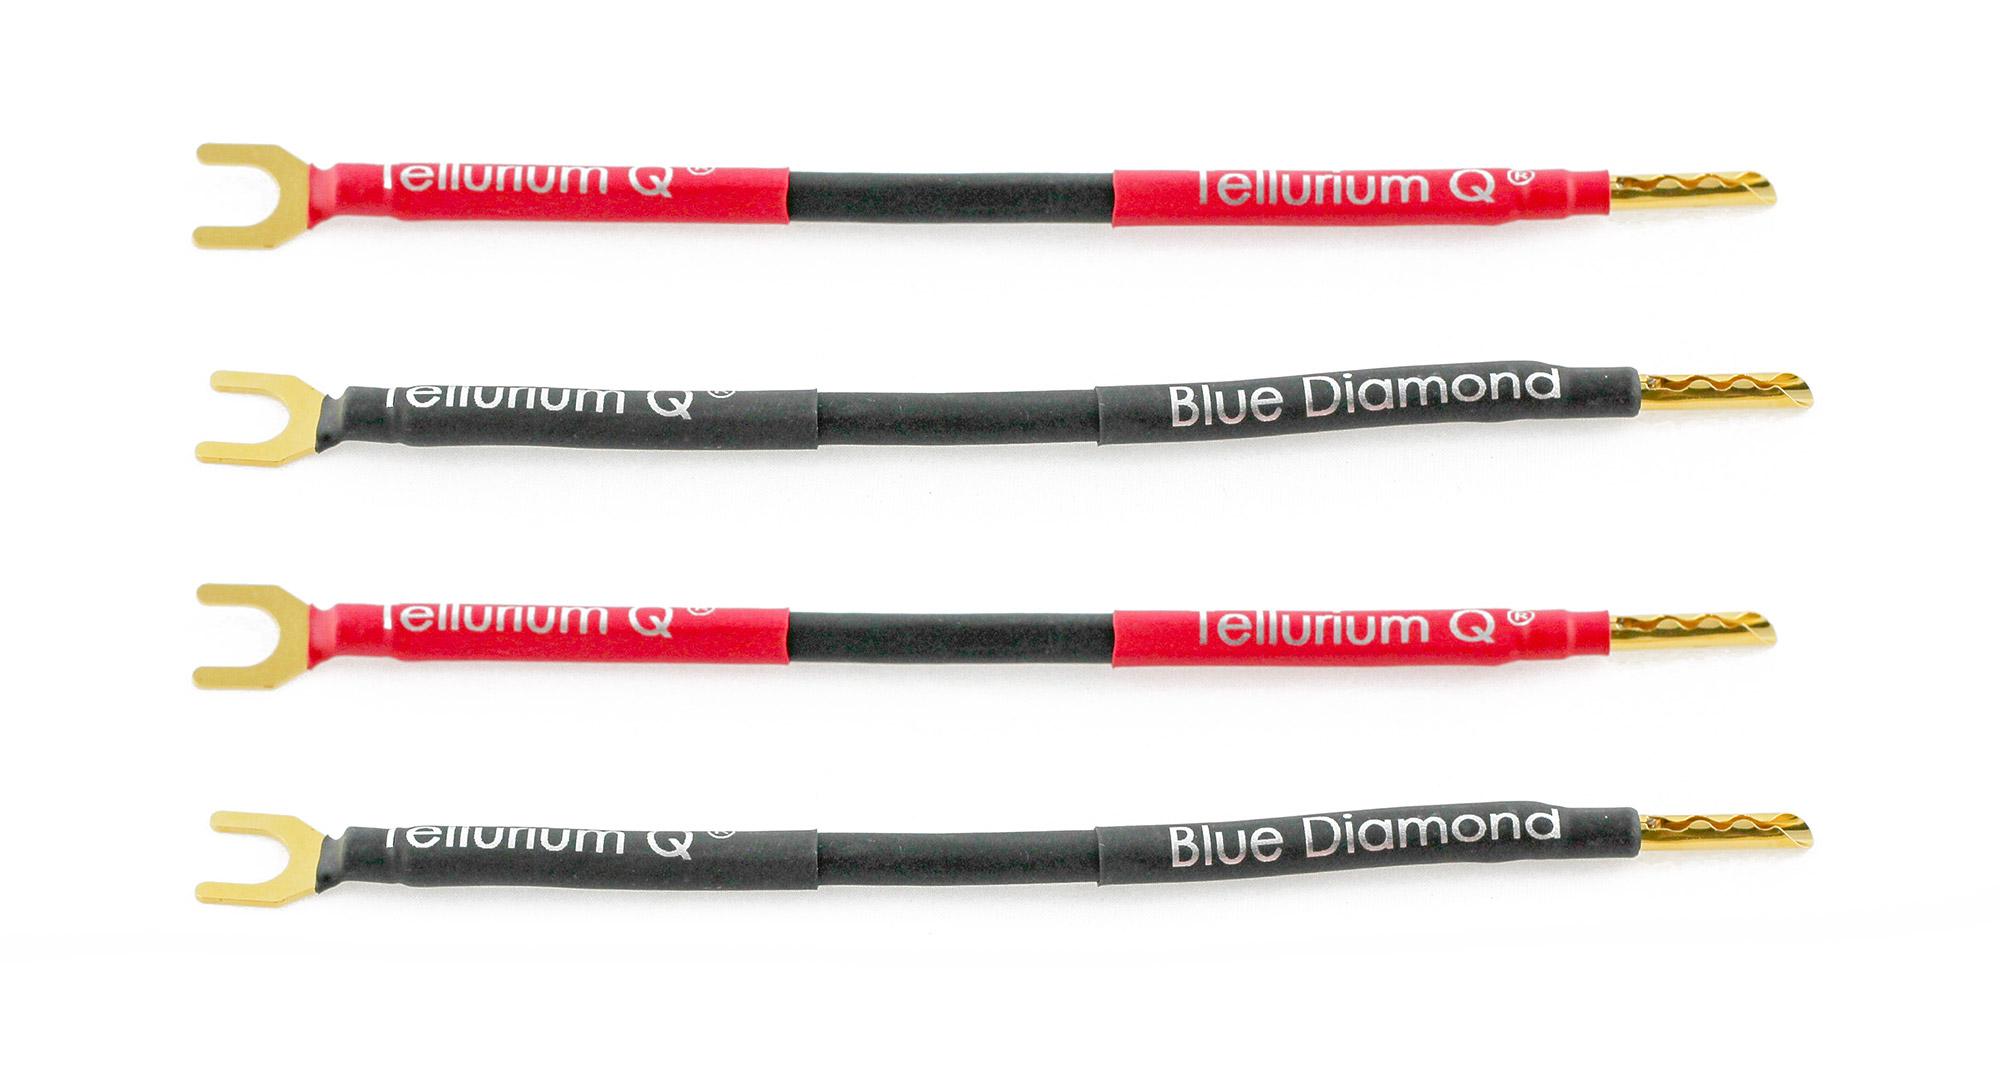 Blue Diamond Jumpers / Link-uri